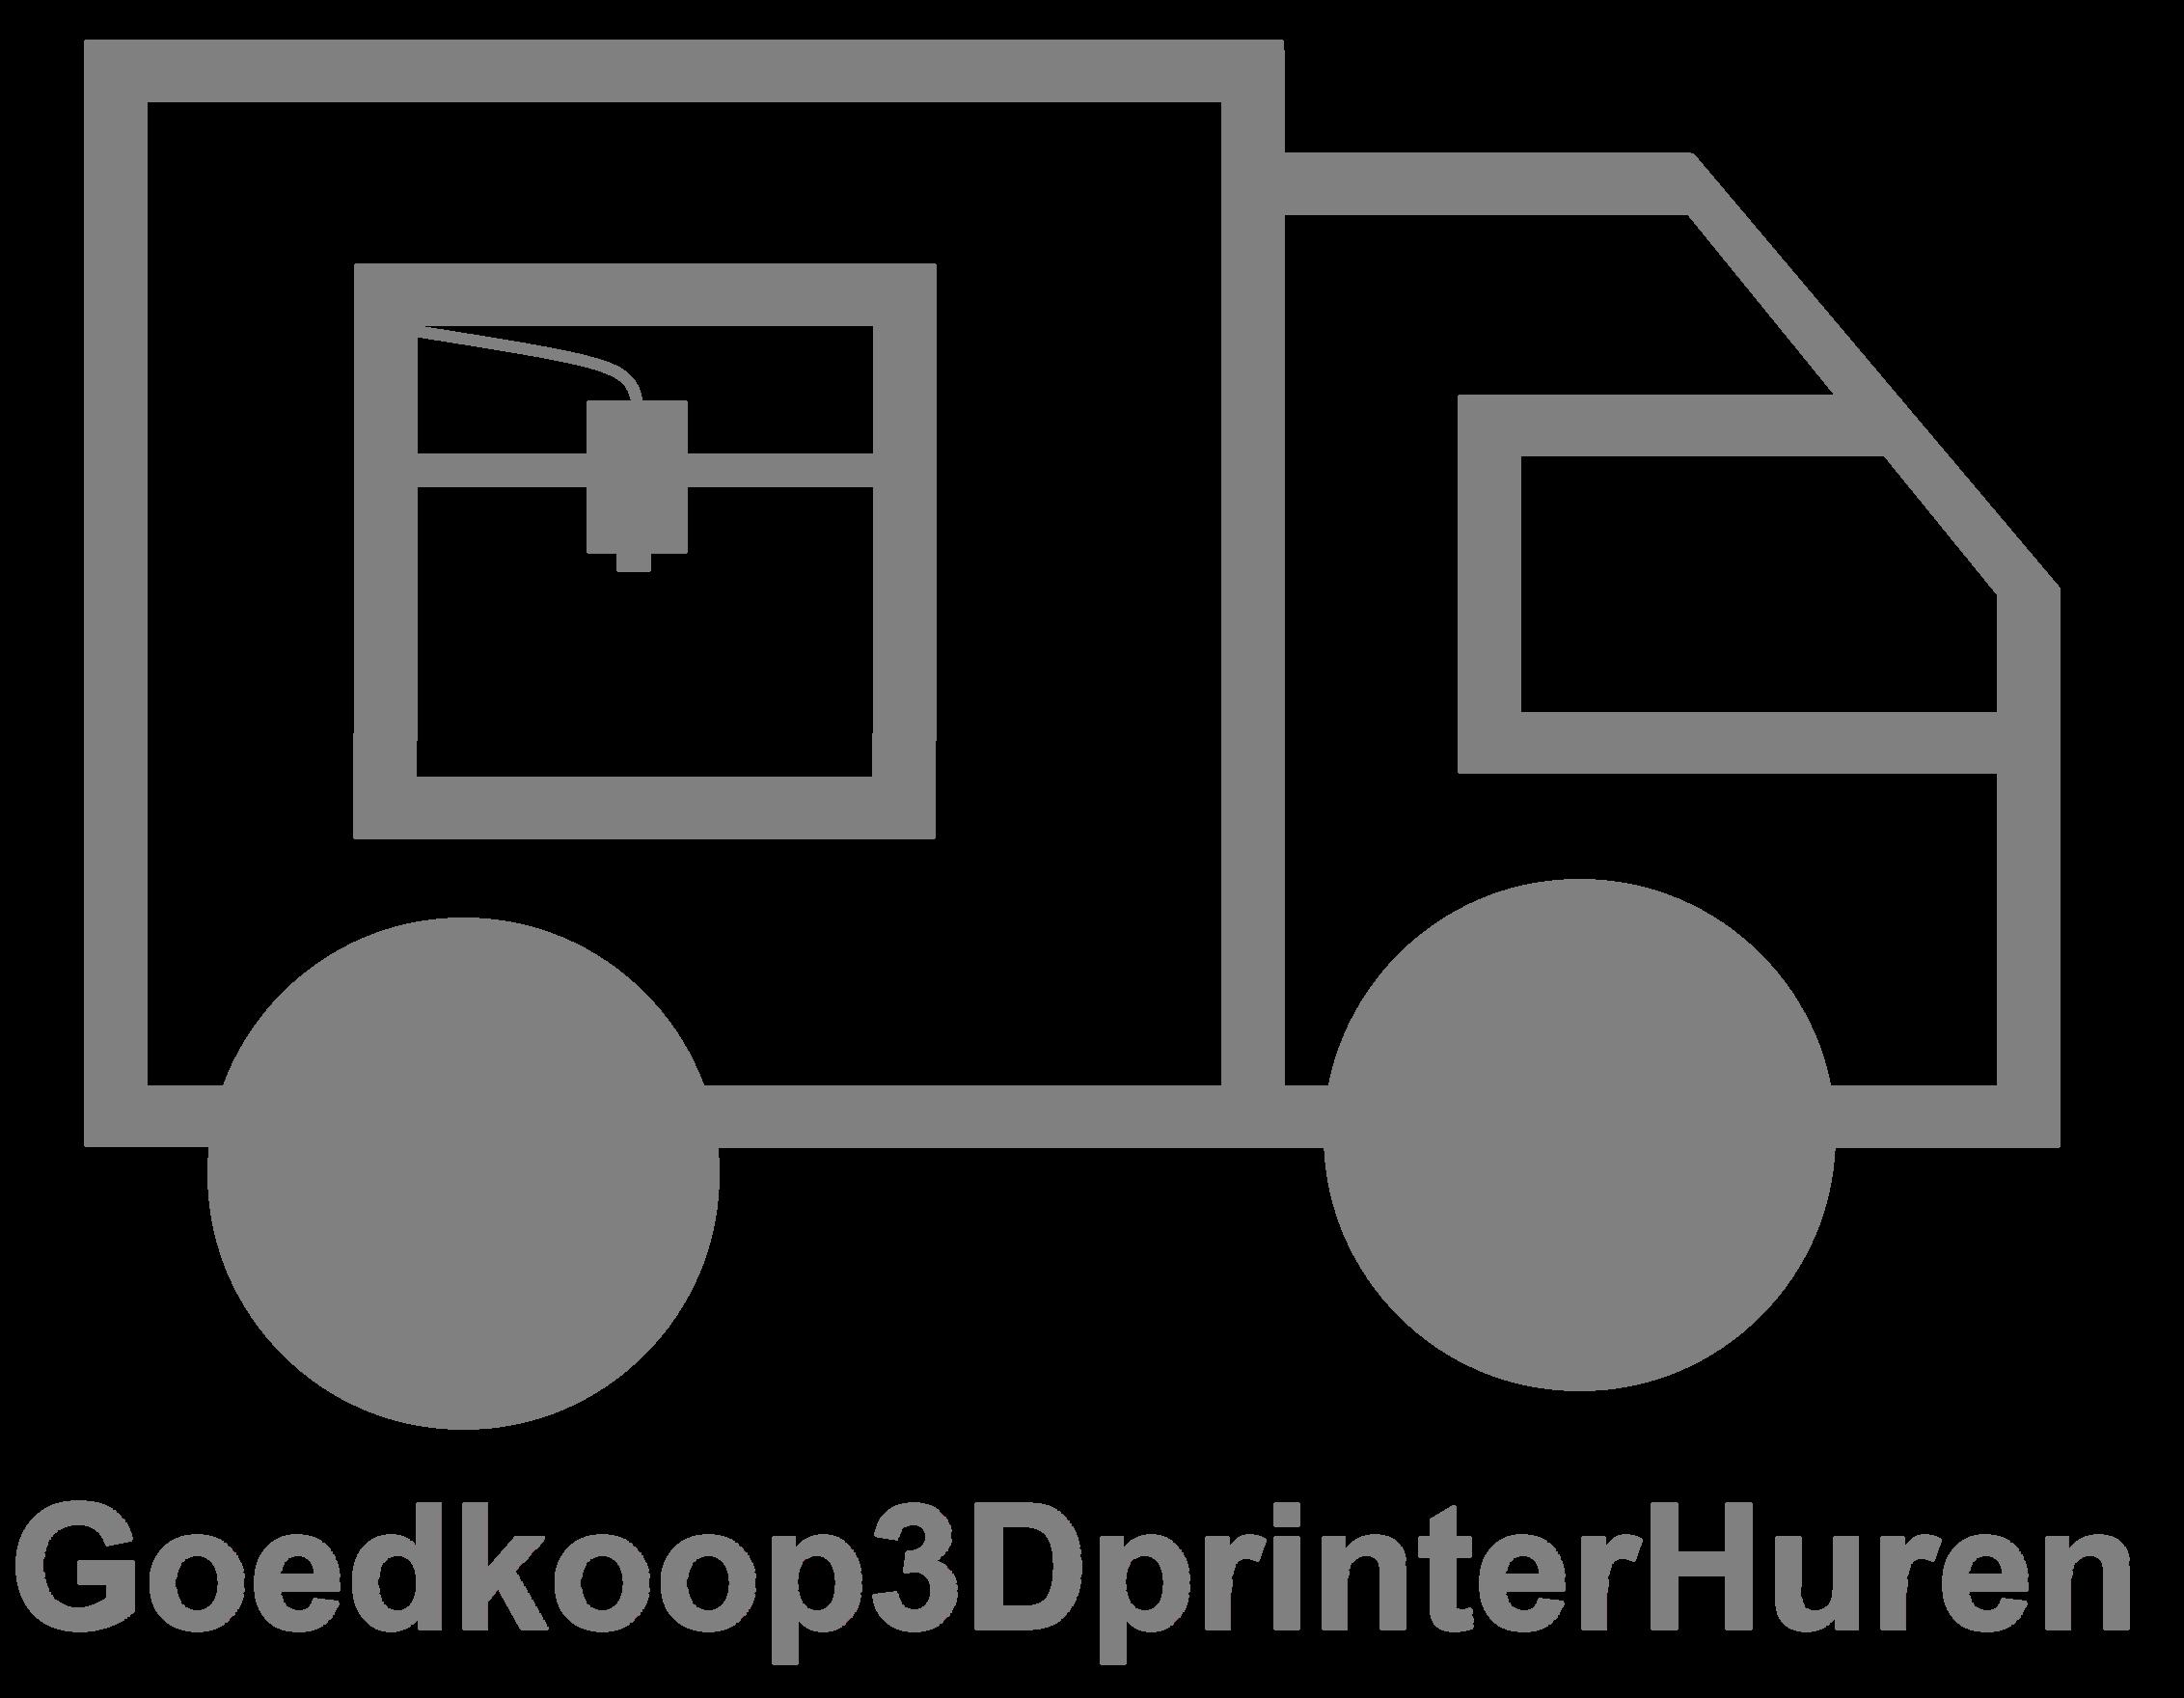 Goedkoop 3D printer huren